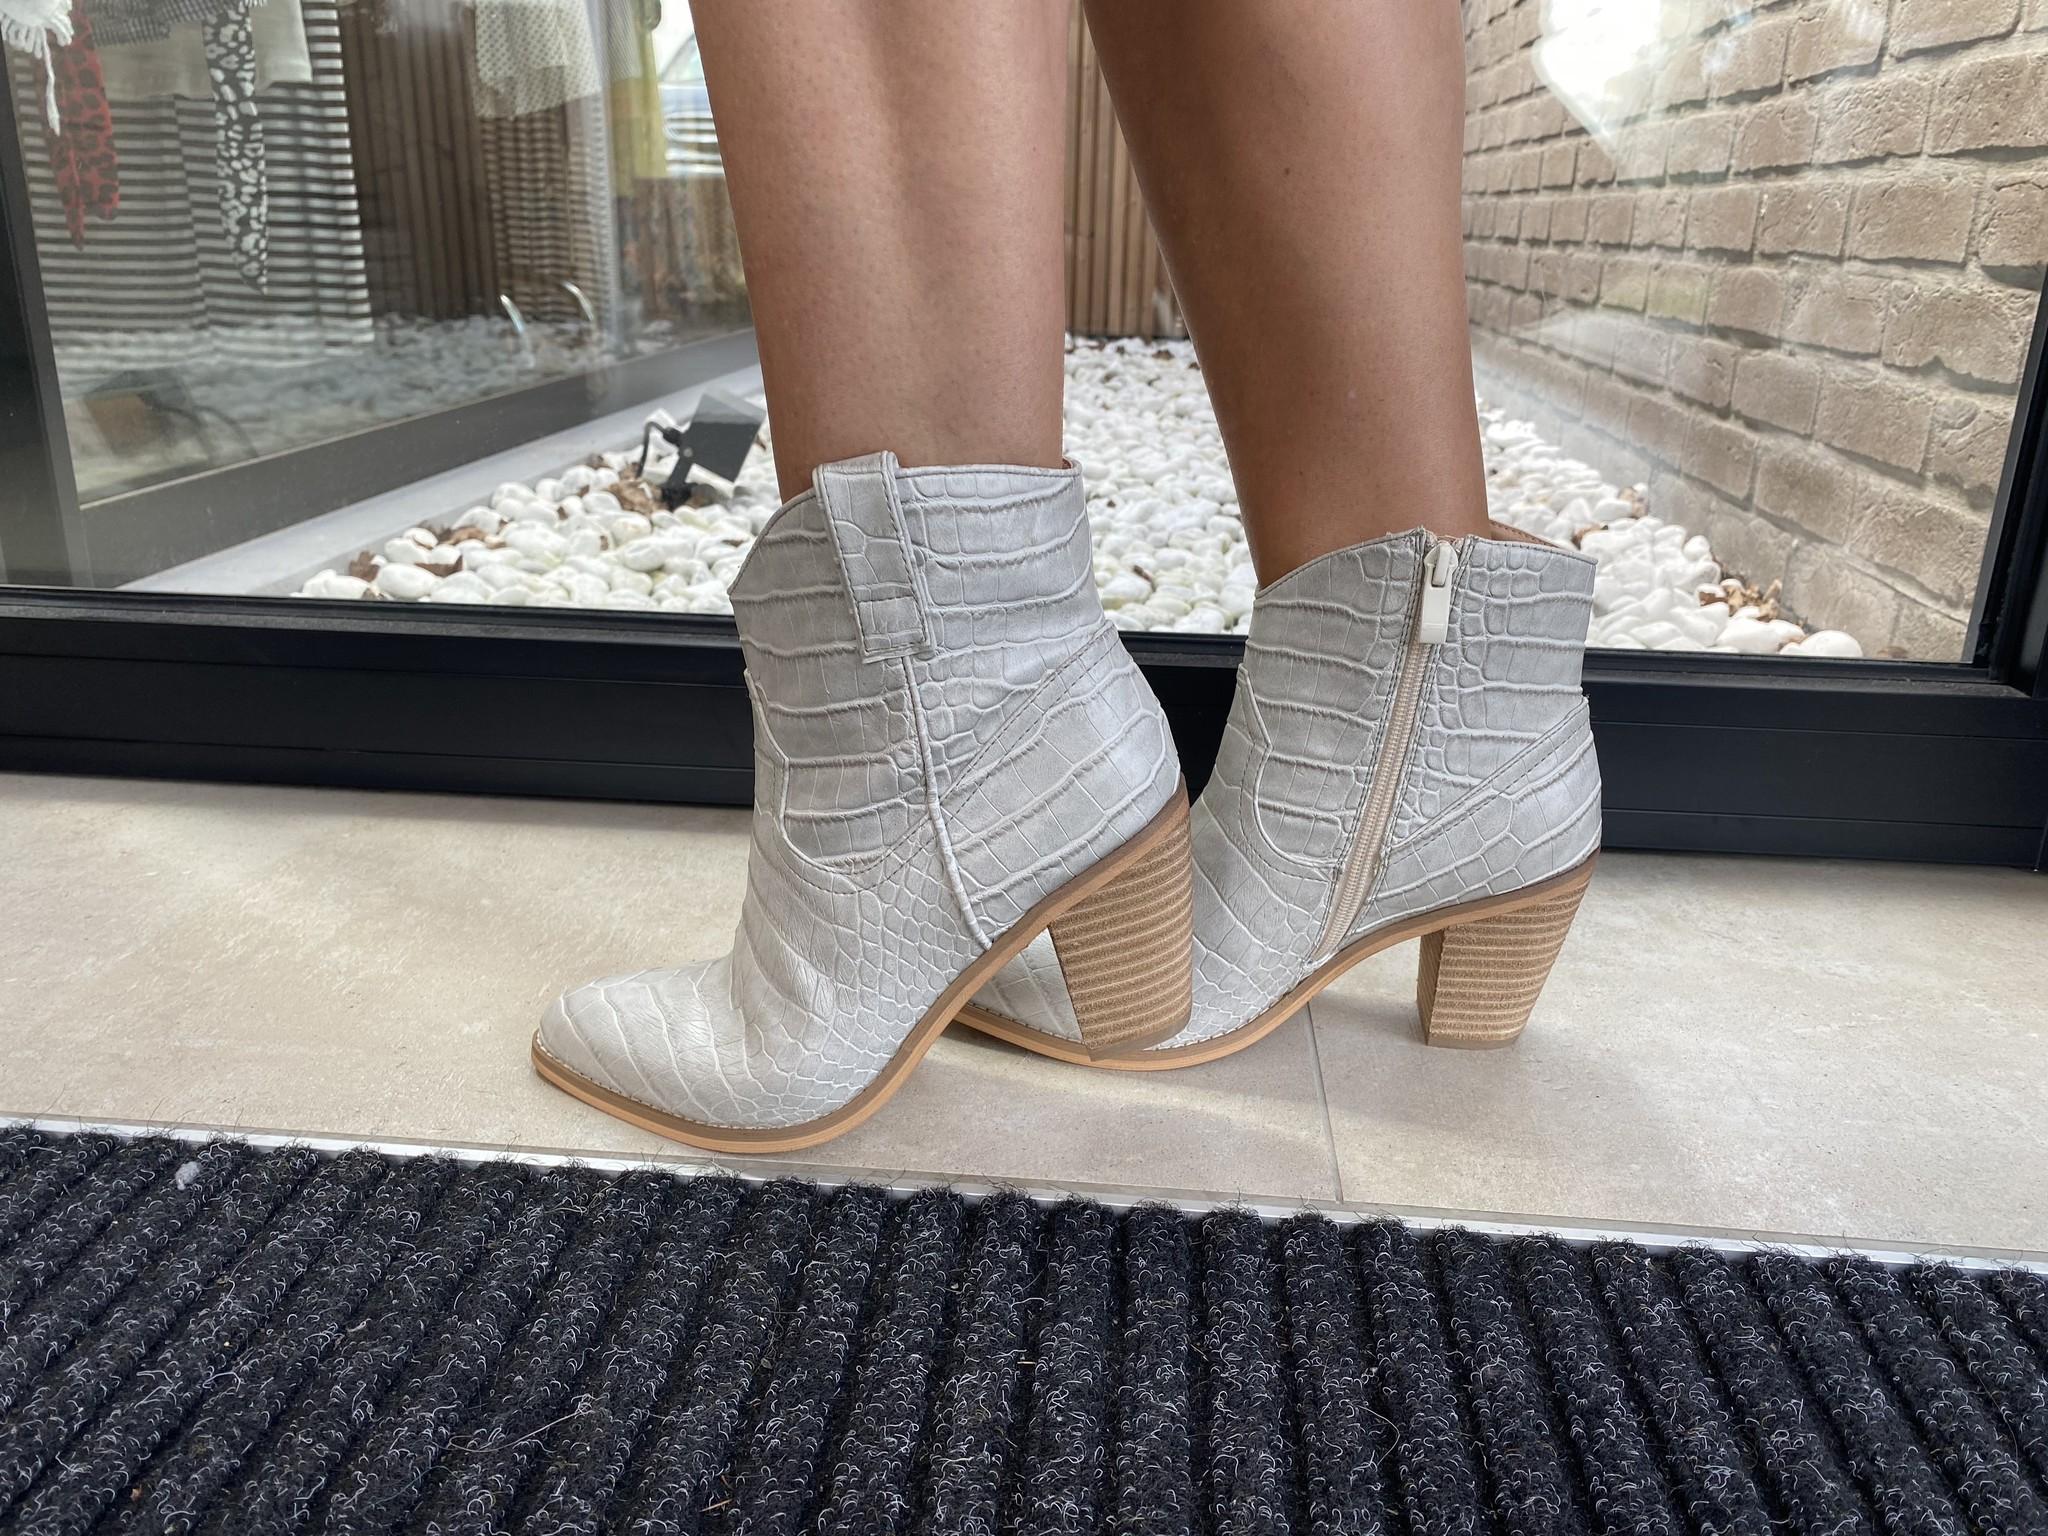 Boots grijs coco